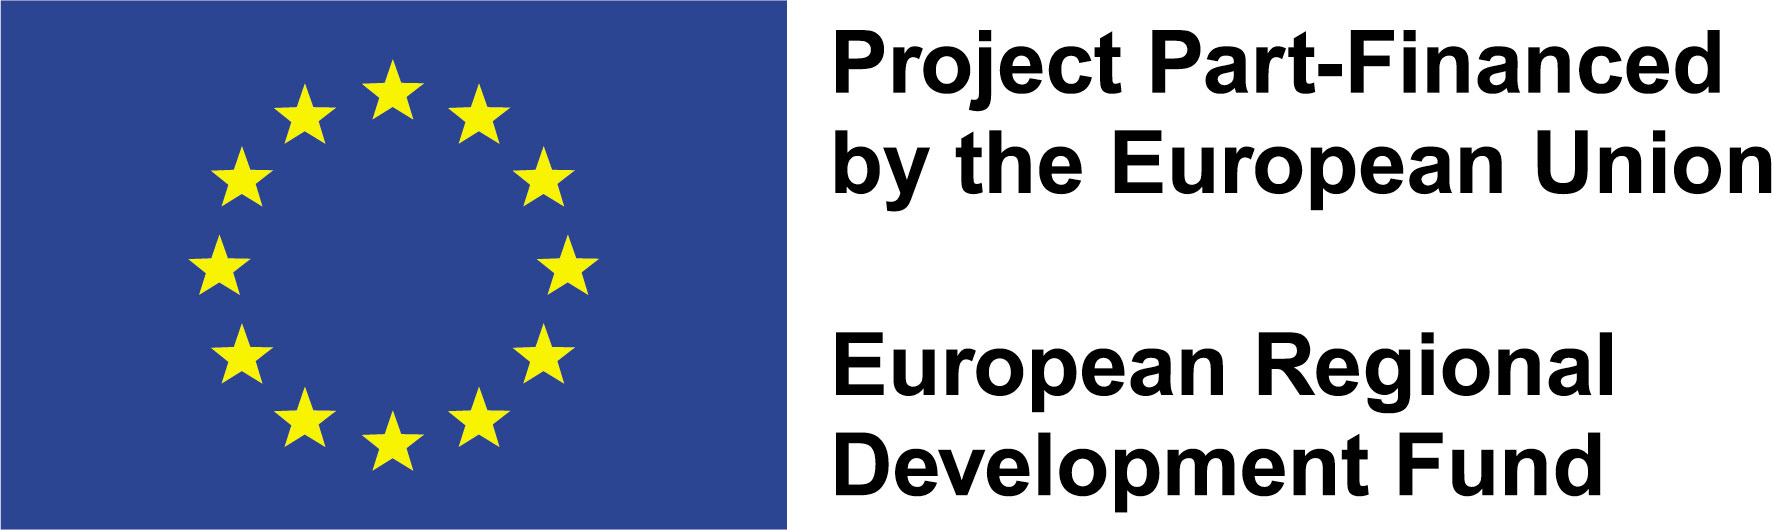 Logo 2 EU Flag ERDF